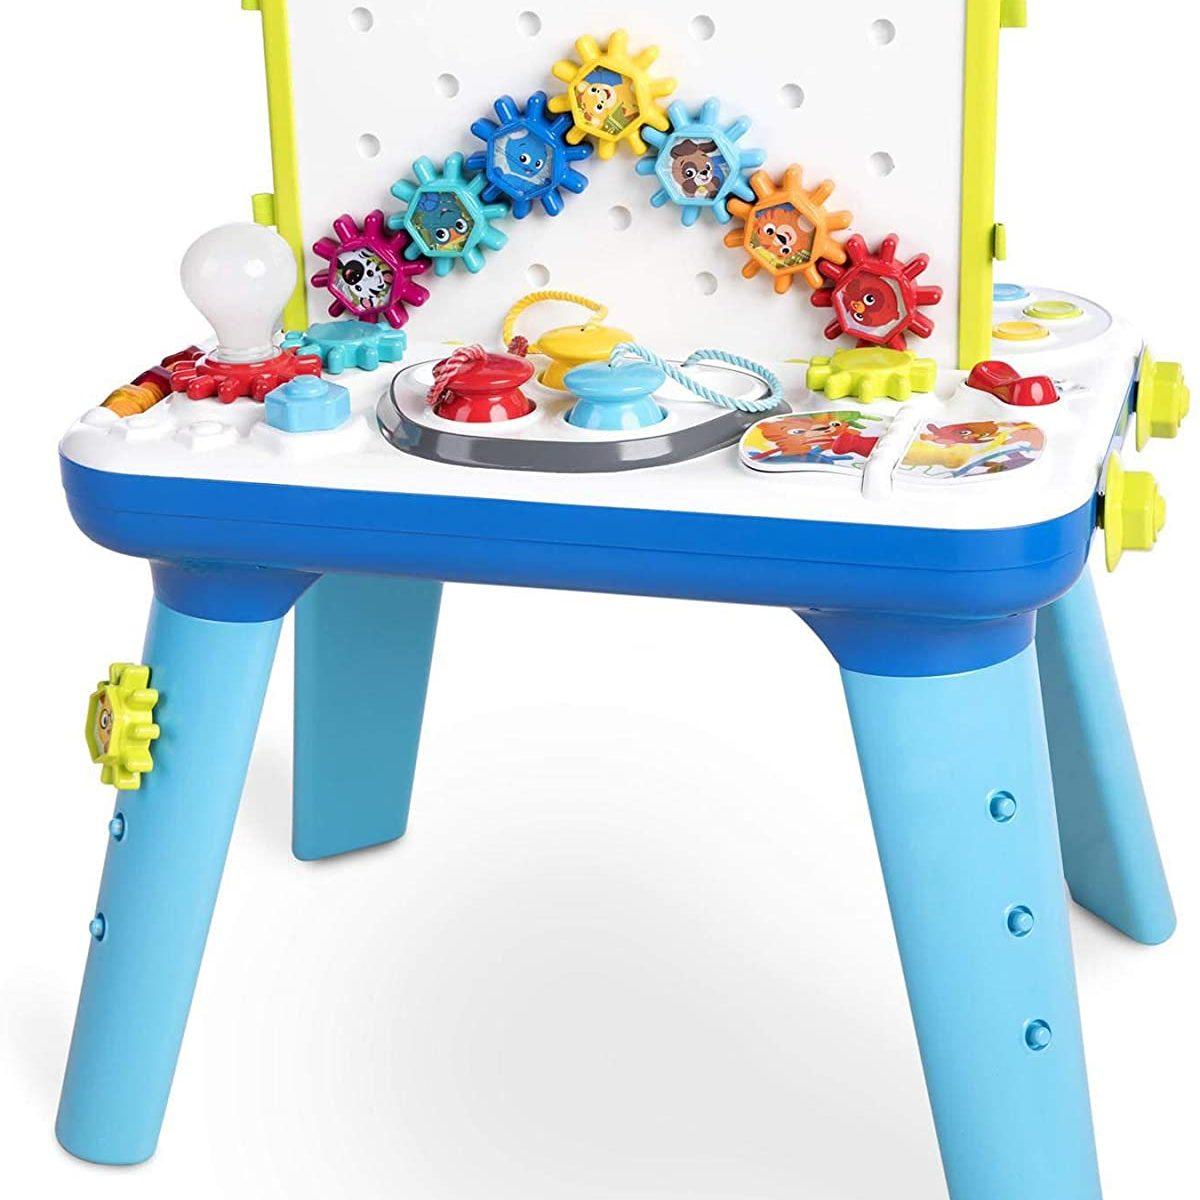 table d'eveil pour bébé cadeau noel anniversaire 6 mois à 36 mois